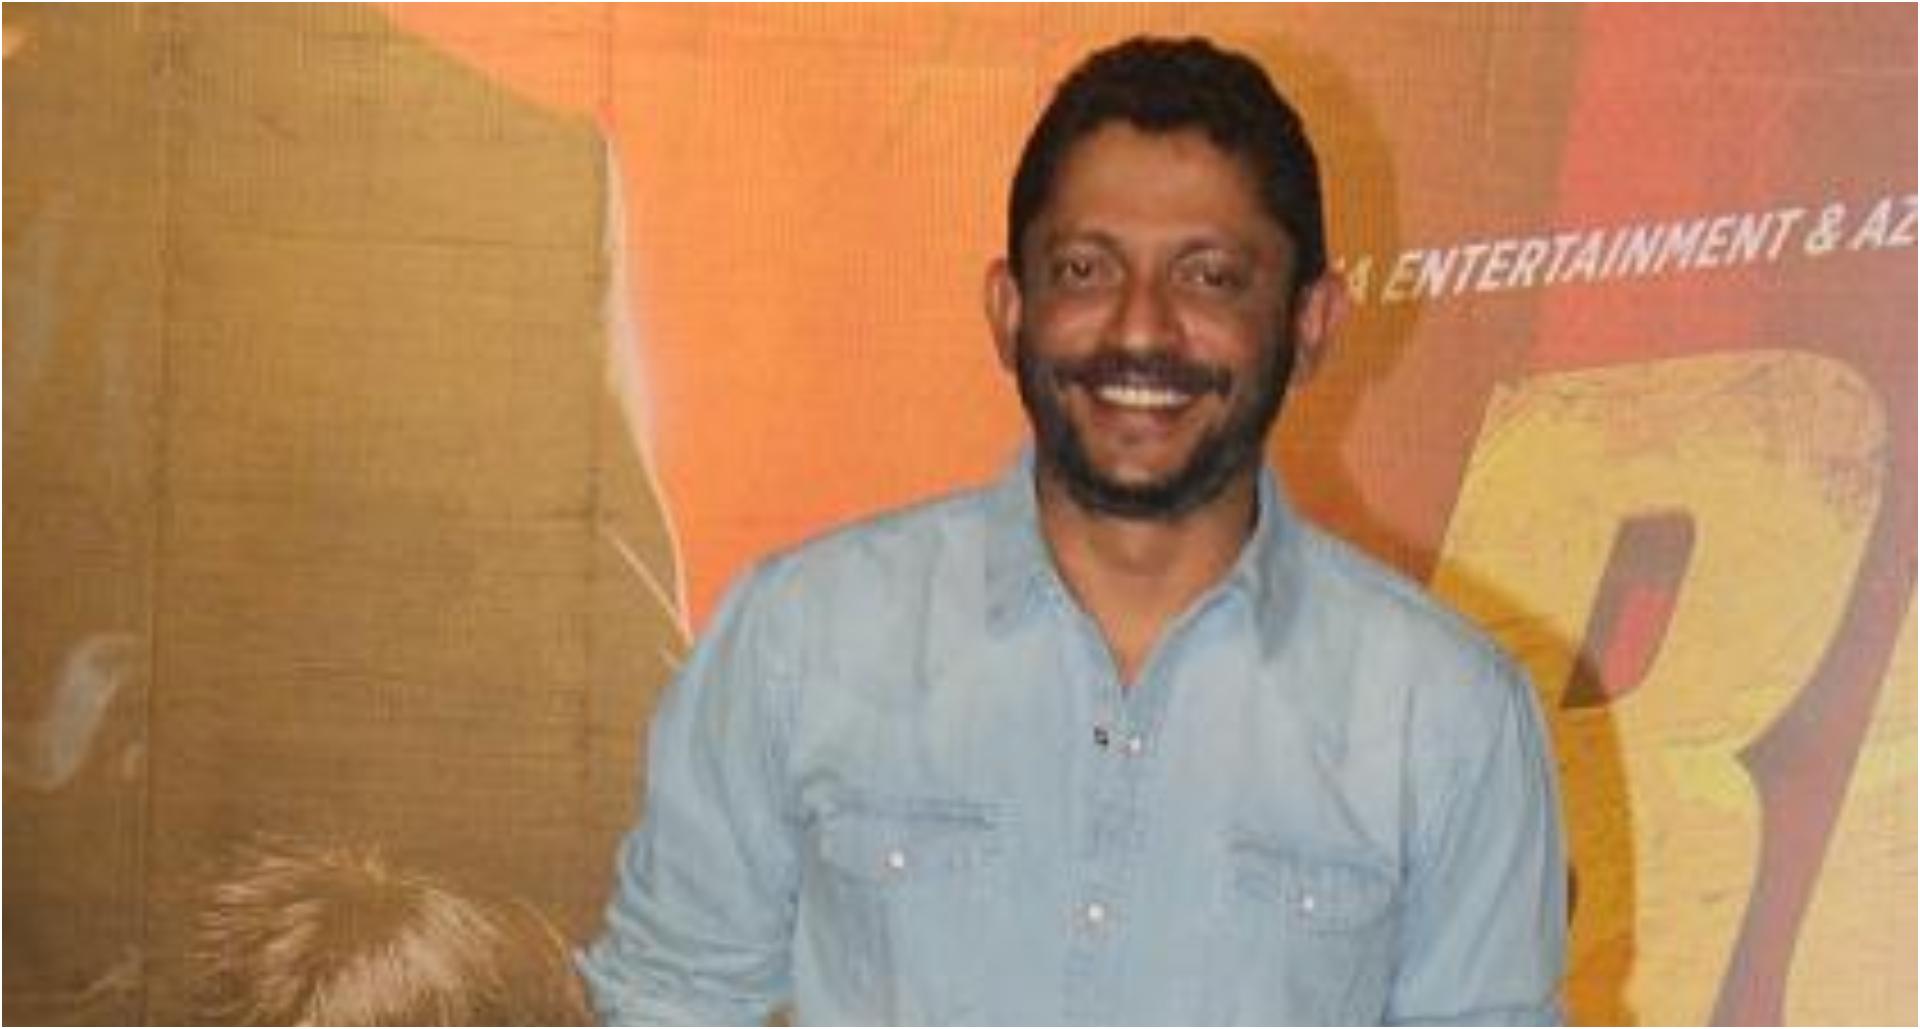 Nishikant Kamat Passes Away: बॉलीवुड इंडस्ट्री को एक और झटका, नहीं रहे दृश्यम और मदारी जैसी फ़िल्मों के निर्देश